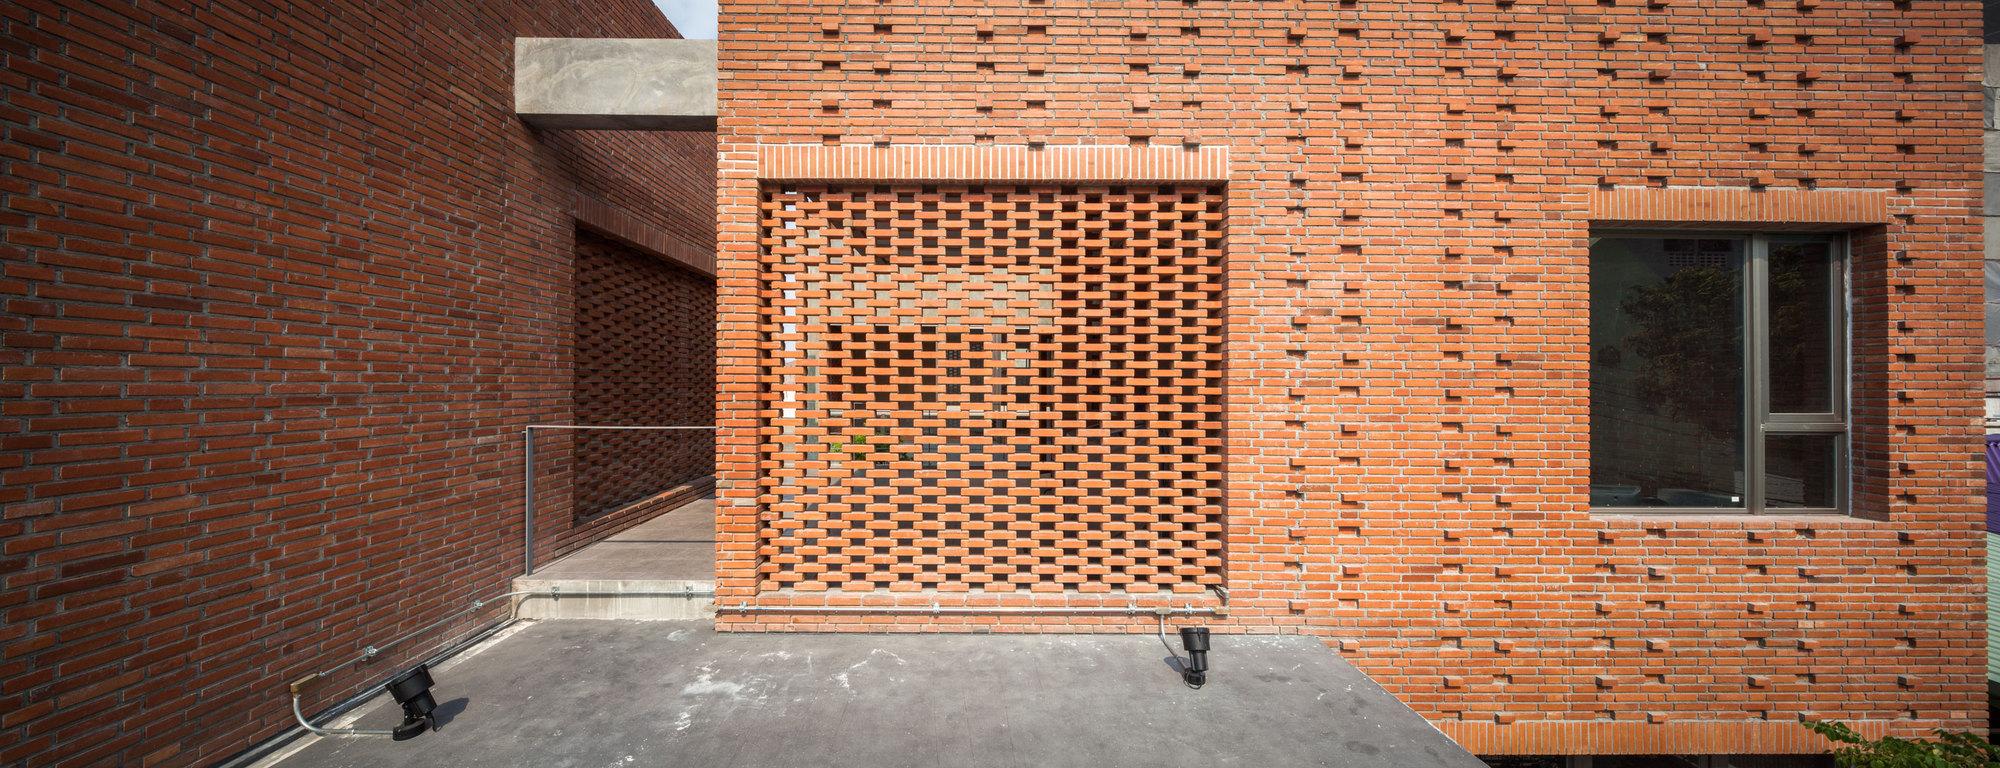 Gallery Of Ngamwongwan House Junsekino Architect And